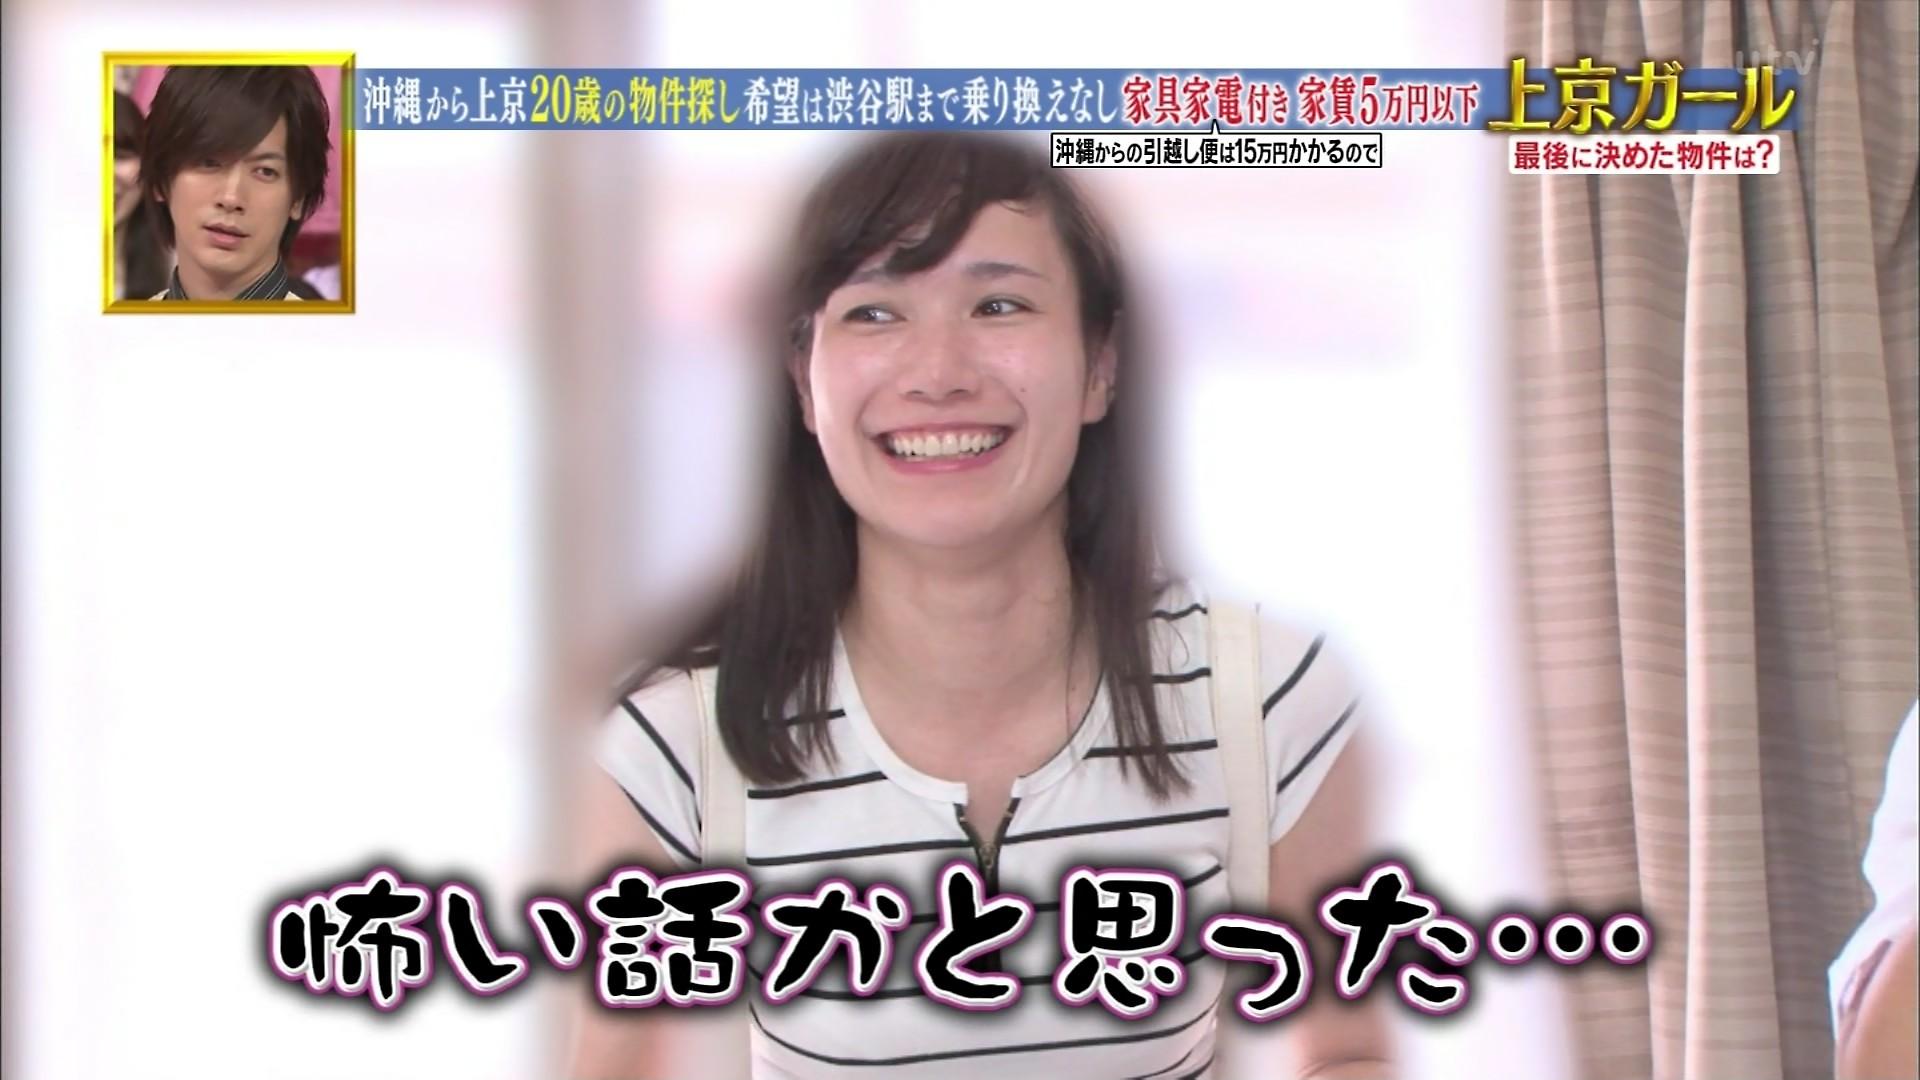 沖縄美女_パンチラ_放送事故_テレビキャプ画像_28